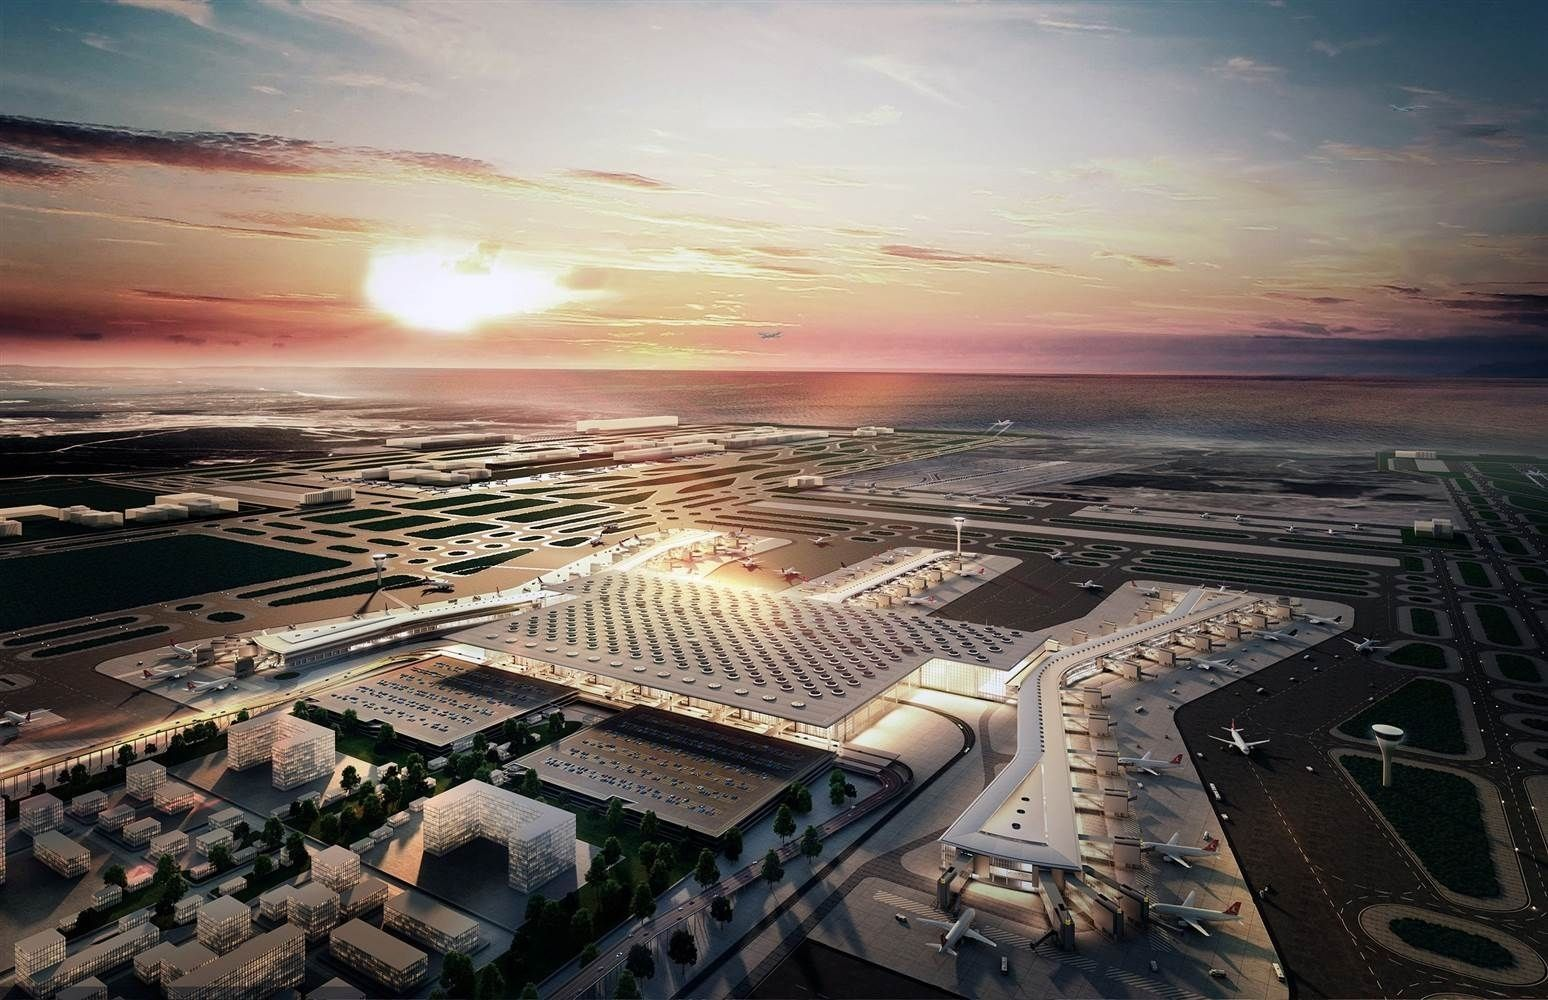 Дэлхийн хамгийн том нисэх буудал аравдугаар сард нээгдэнэ